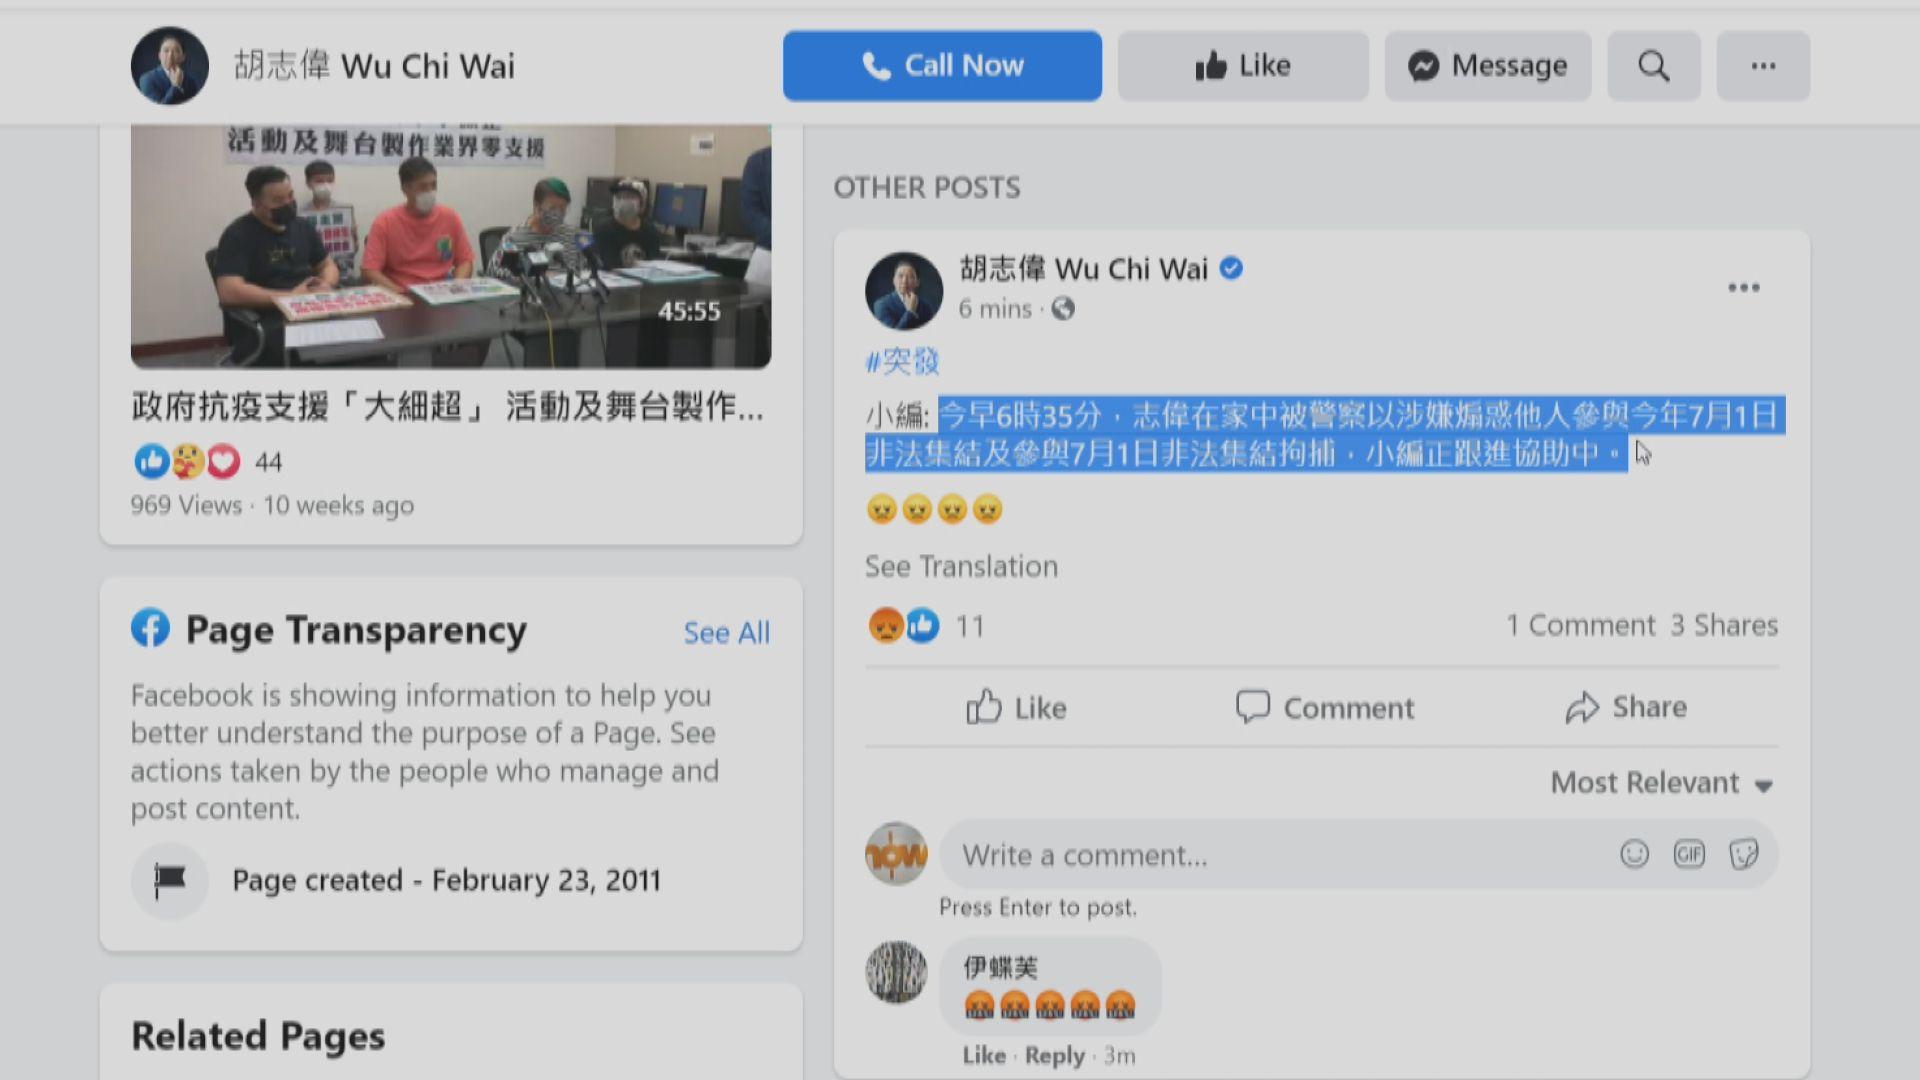 陳皓桓胡志偉等8人被捕 消息指涉七一非法集結